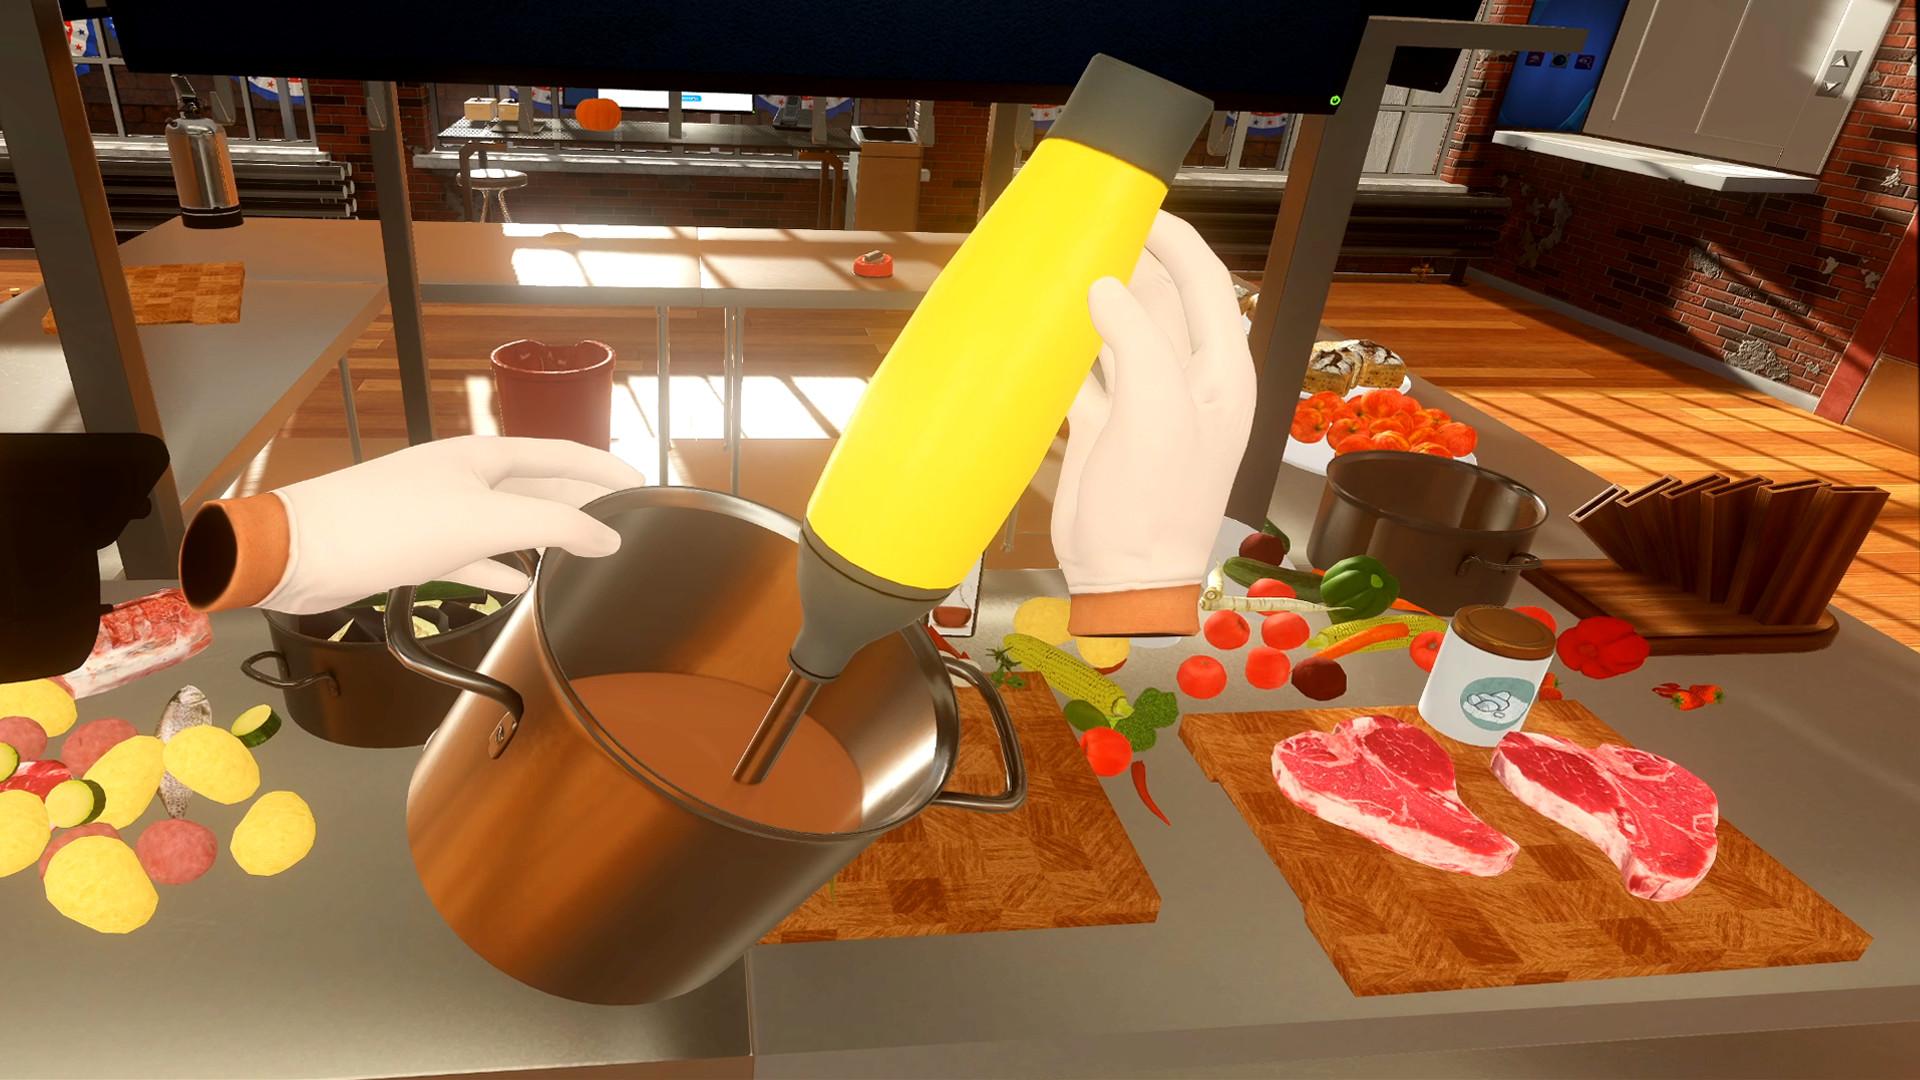 cooking-simulator-vr-pc-screenshot-2